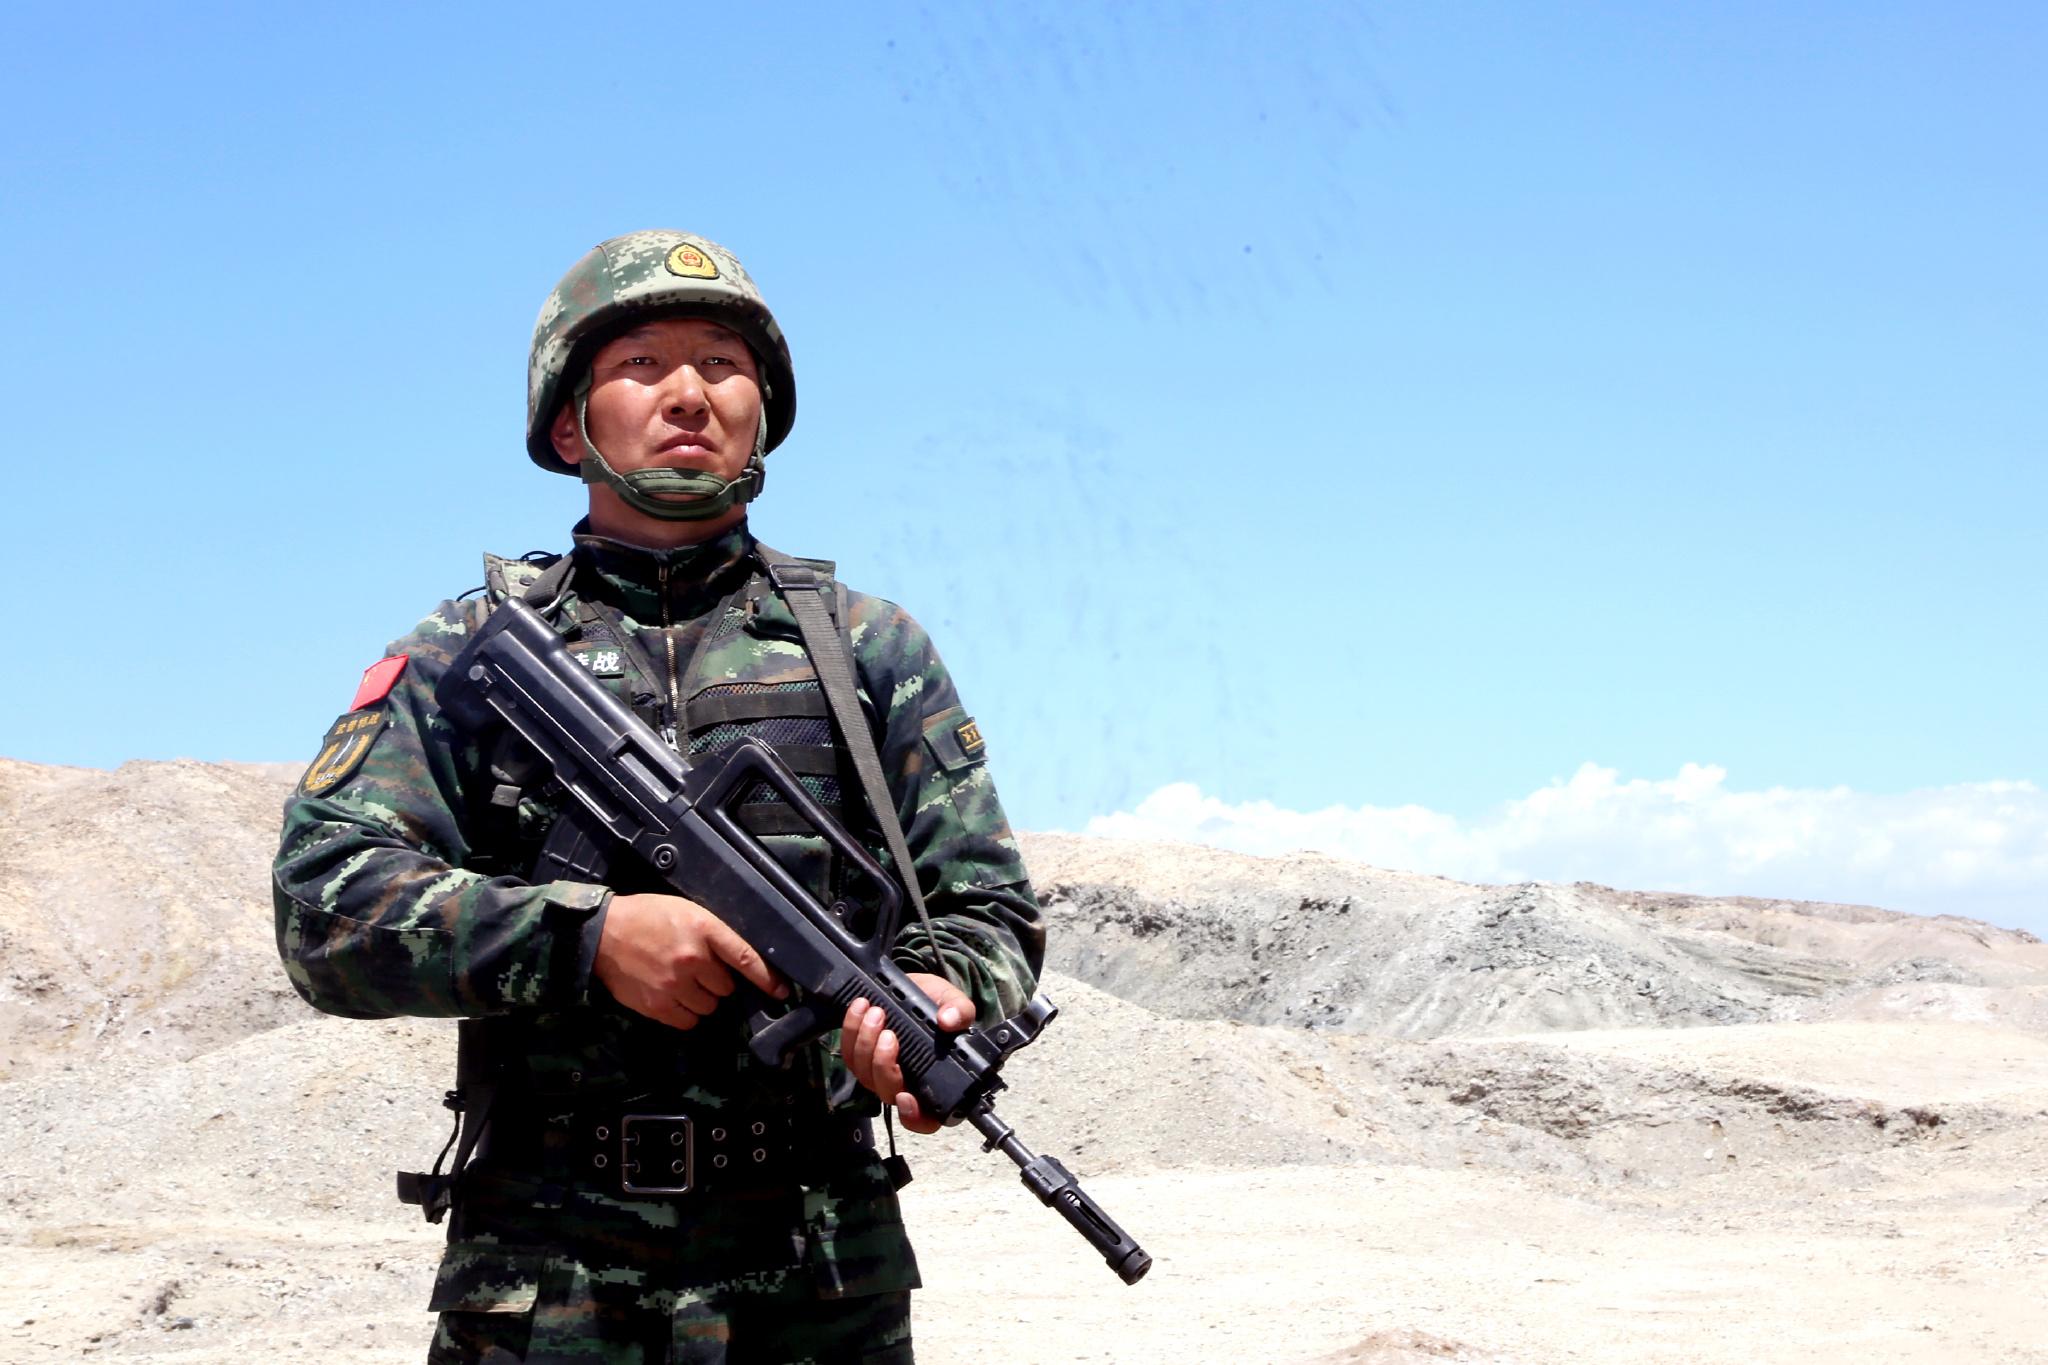 铁汉王刚心甘情愿奉献在南疆反恐维稳一线,无怨无悔,立志永远做党和人民的忠诚卫士。